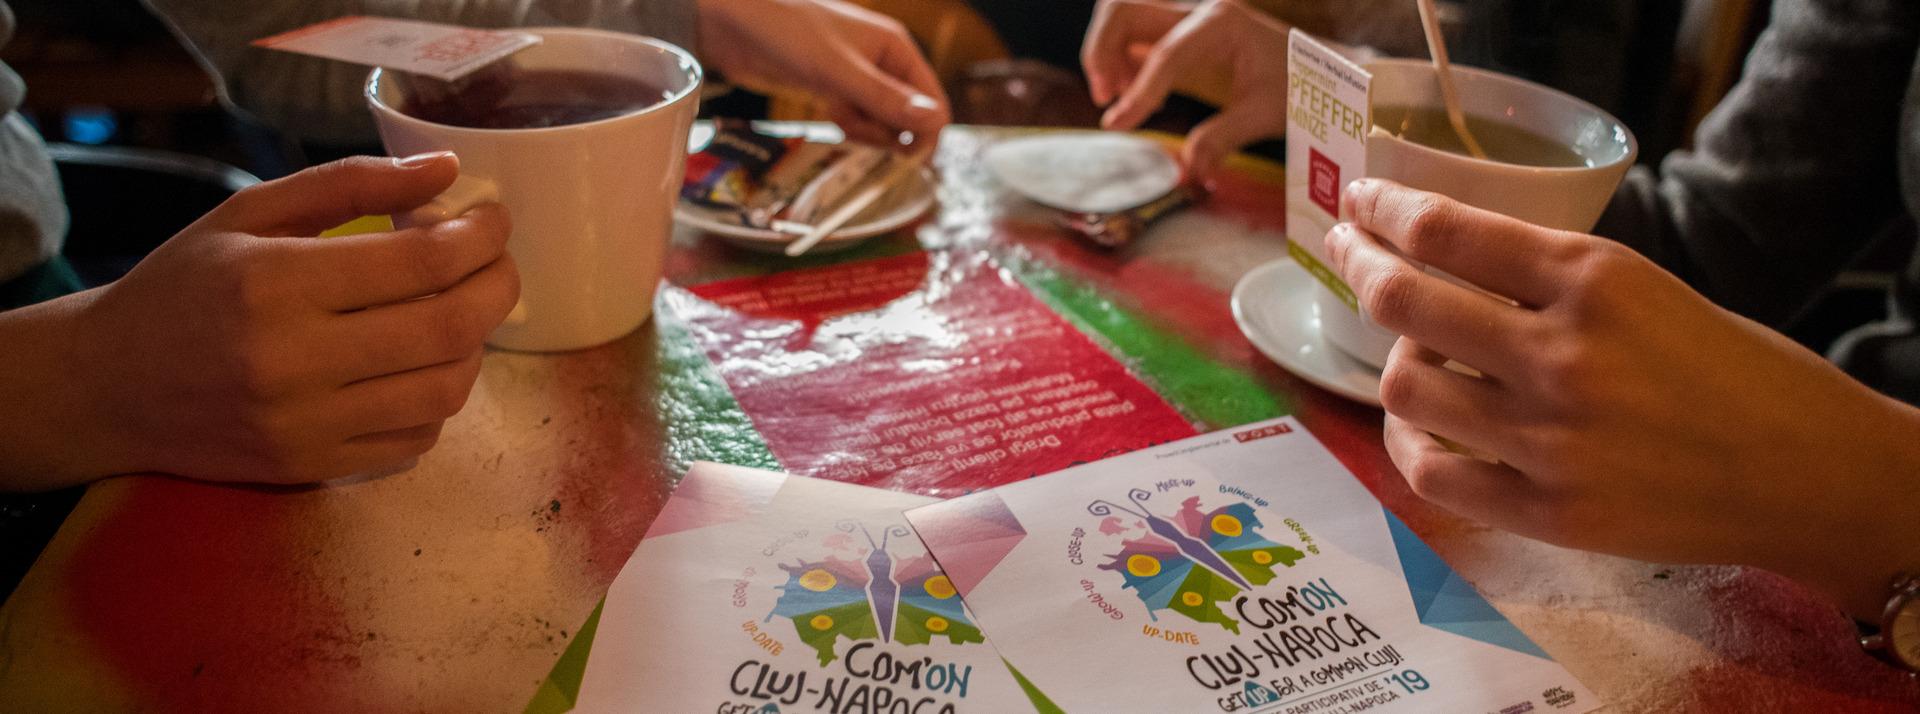 500 de tineri propun 135 de inițiative pentru dezvoltarea orașului, în cadrul proiectului Com'ON Cluj-Napoca